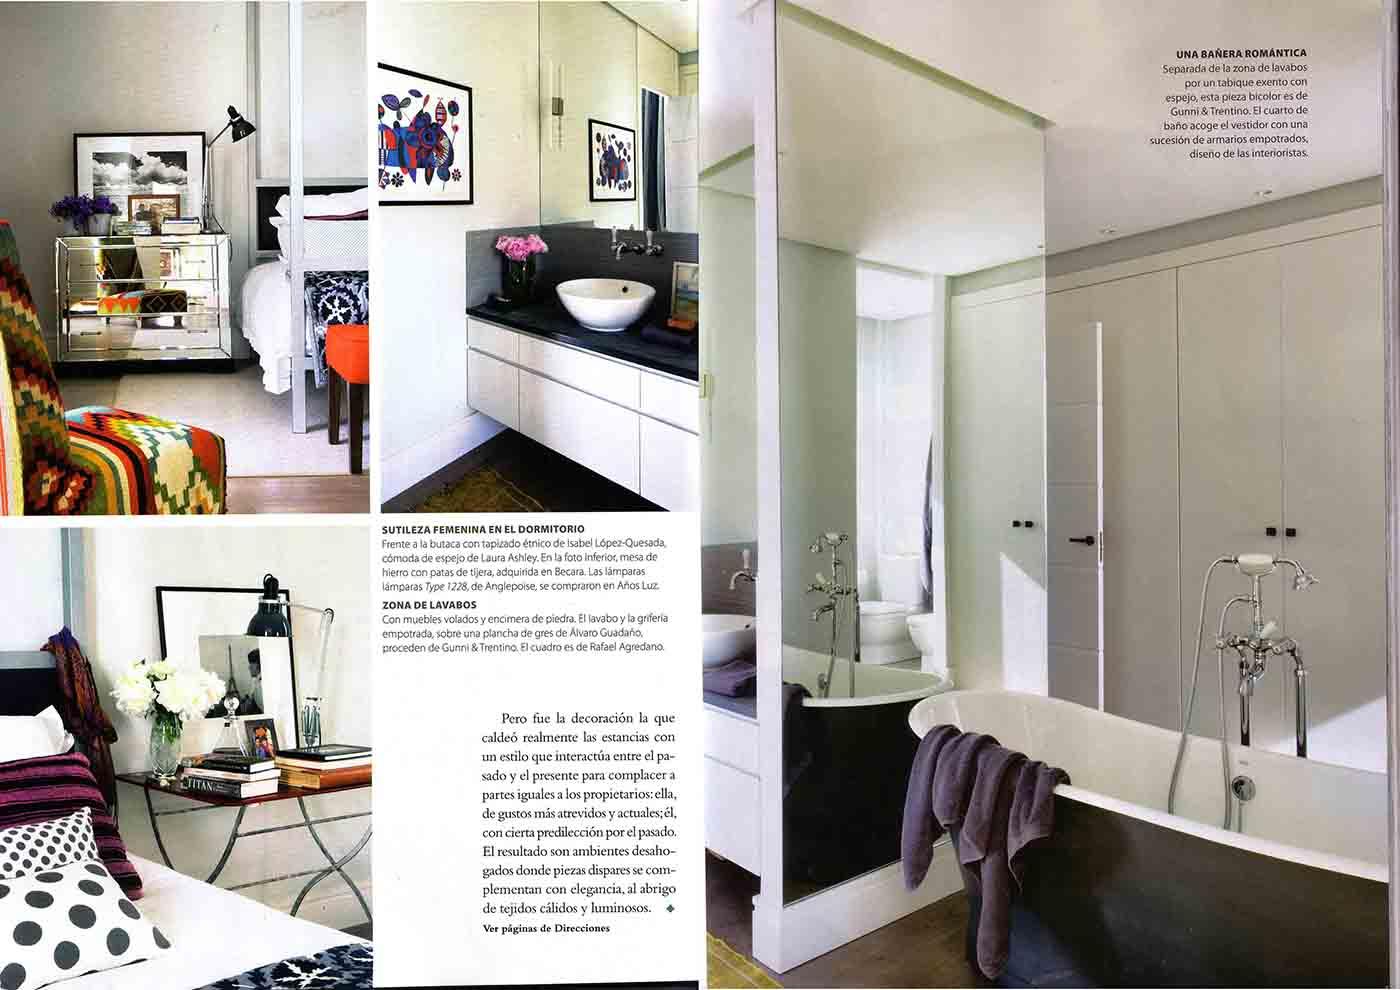 revista-nuevo_estilo-julio-2011-melian_randolph-8